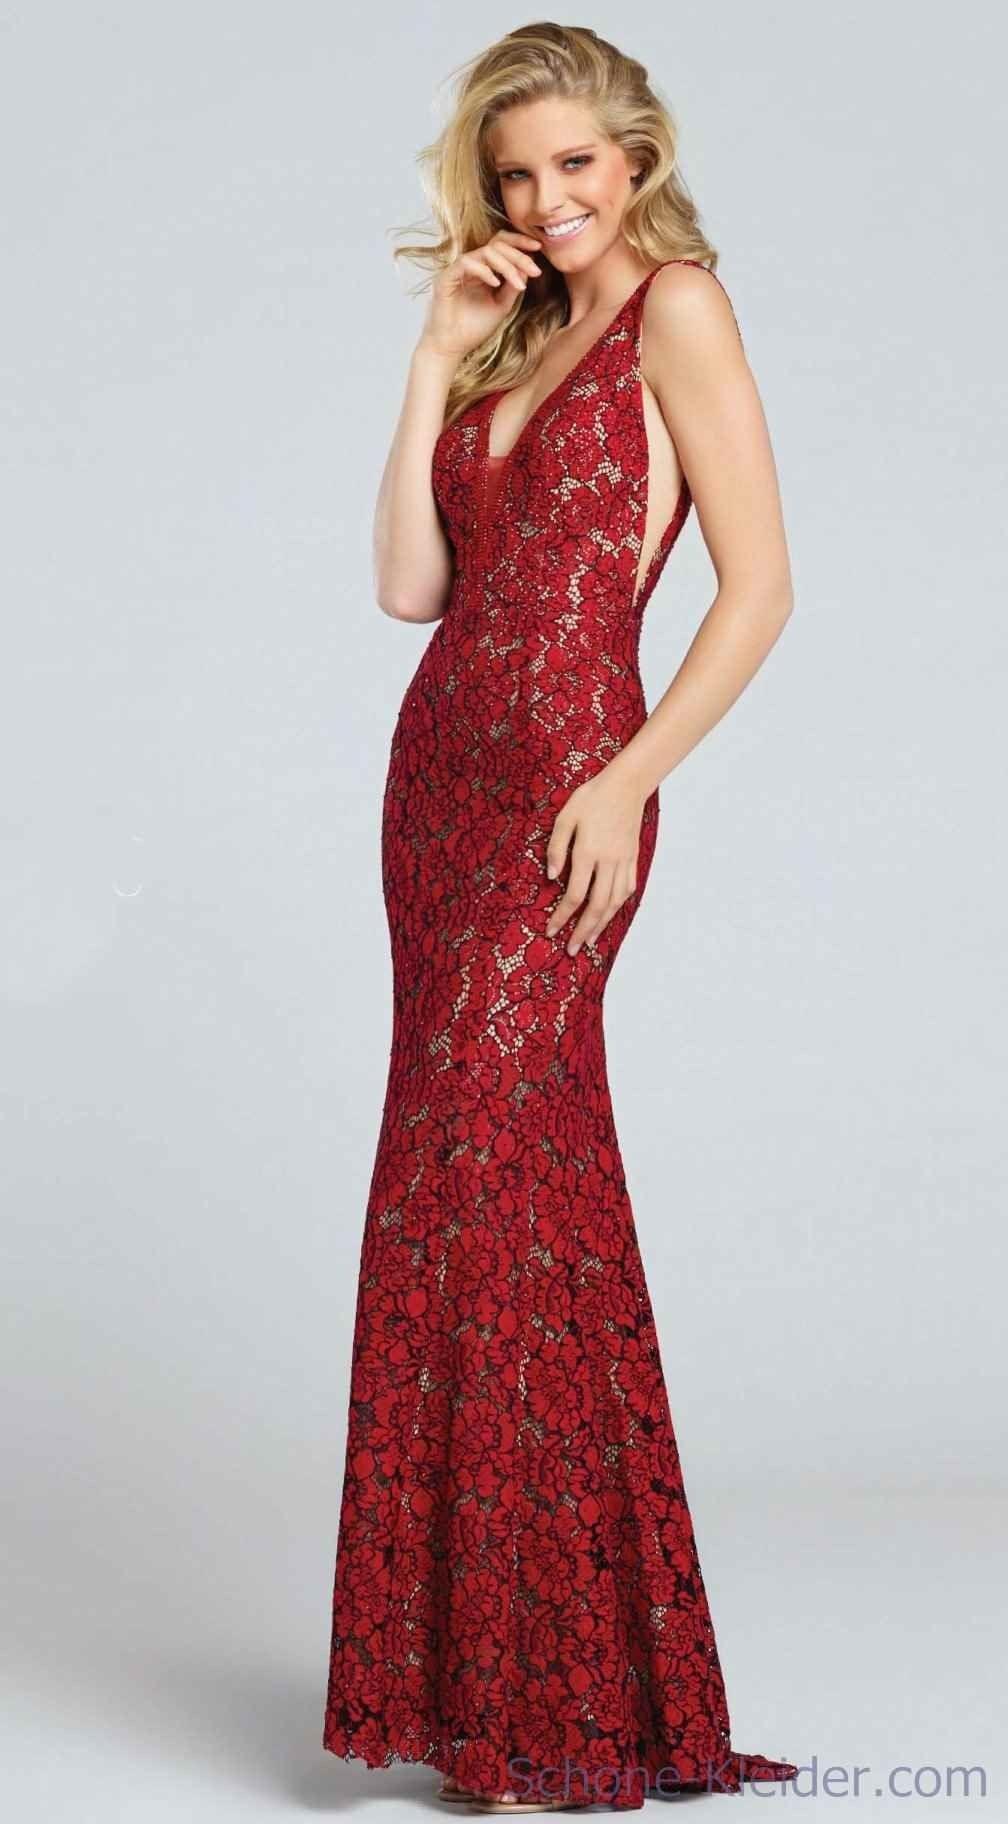 15-fantastisch-glamourose-abendkleider-galerie